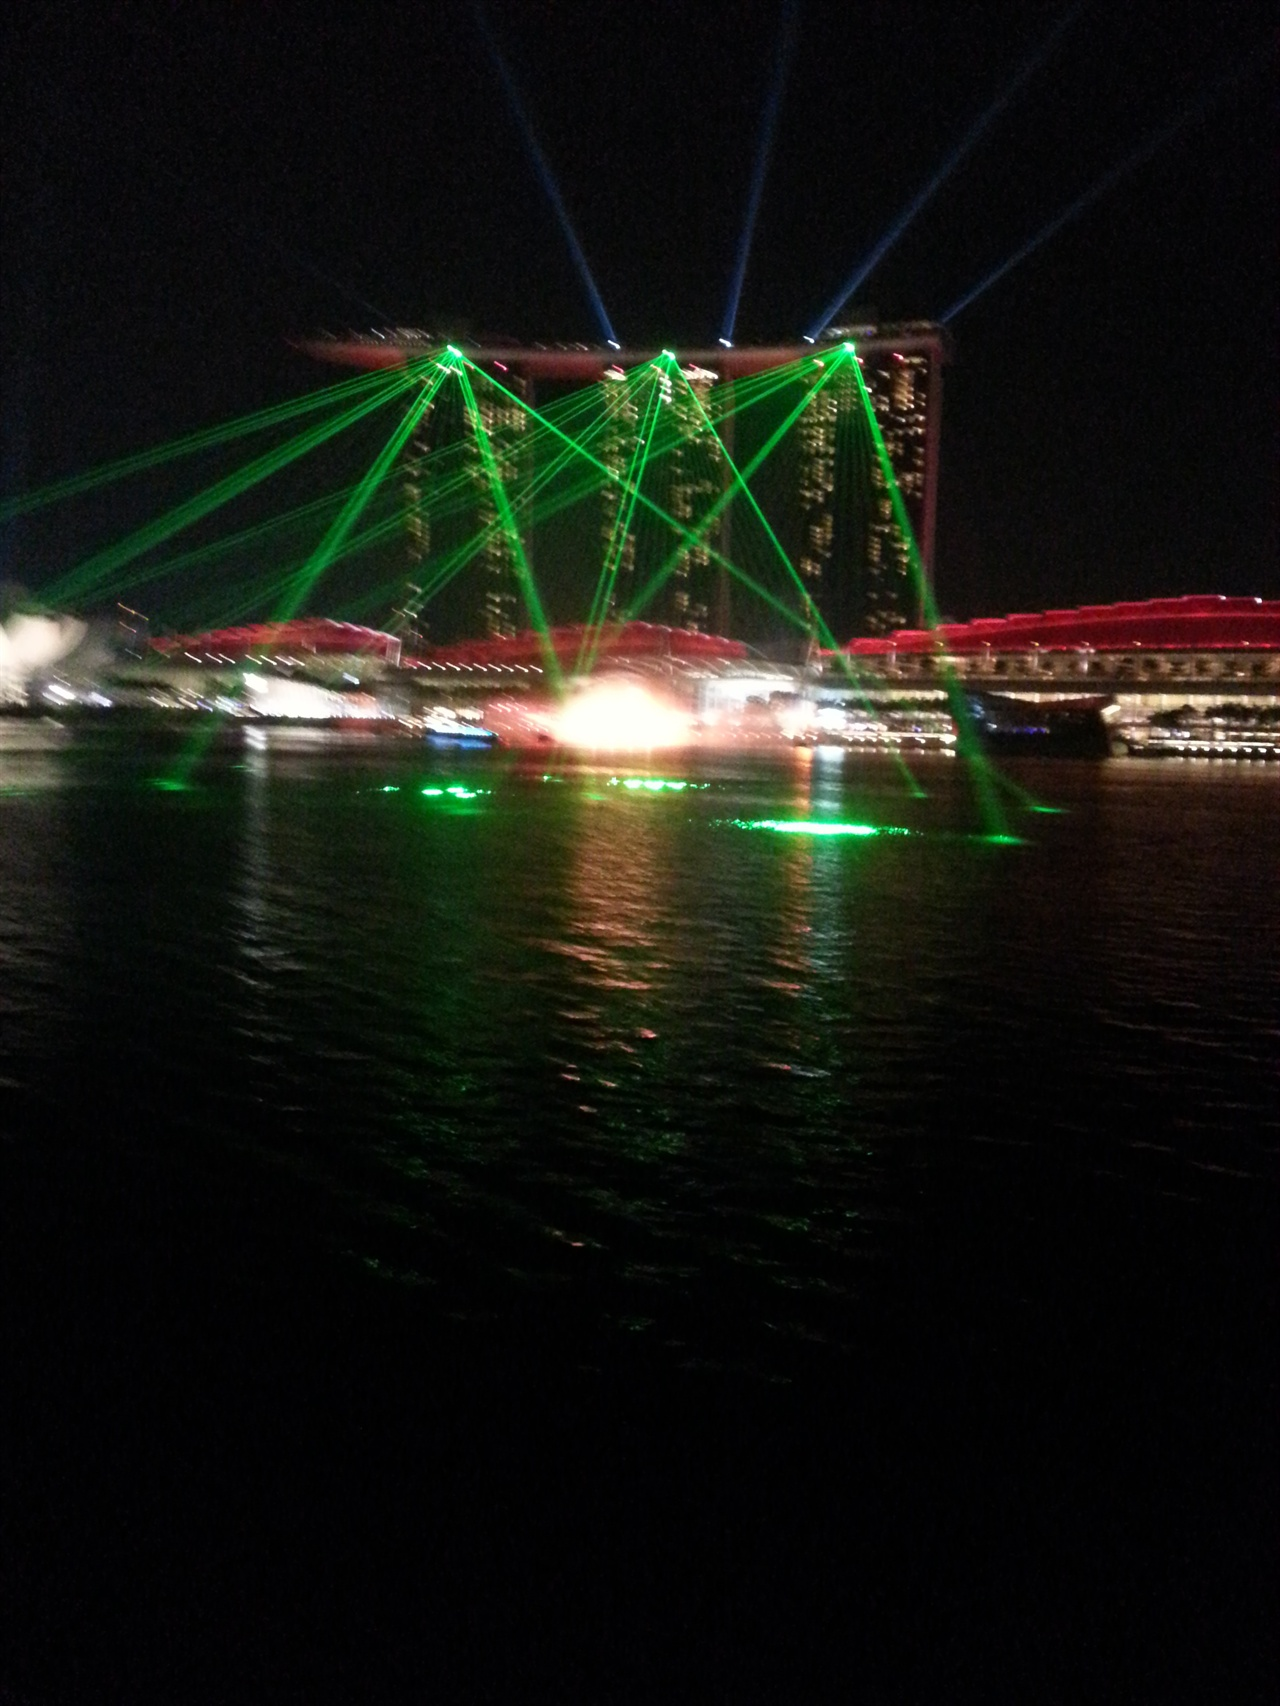 에너지 선진국 싱가포르의 밤은 화려하다. 많은 전력을 사용하며 밤을 밝혀 관광객을 끌고 있다. 싱가포르의 랜드마크 마리나 샌즈 호텔이 레이져 쇼를 하고 있다.